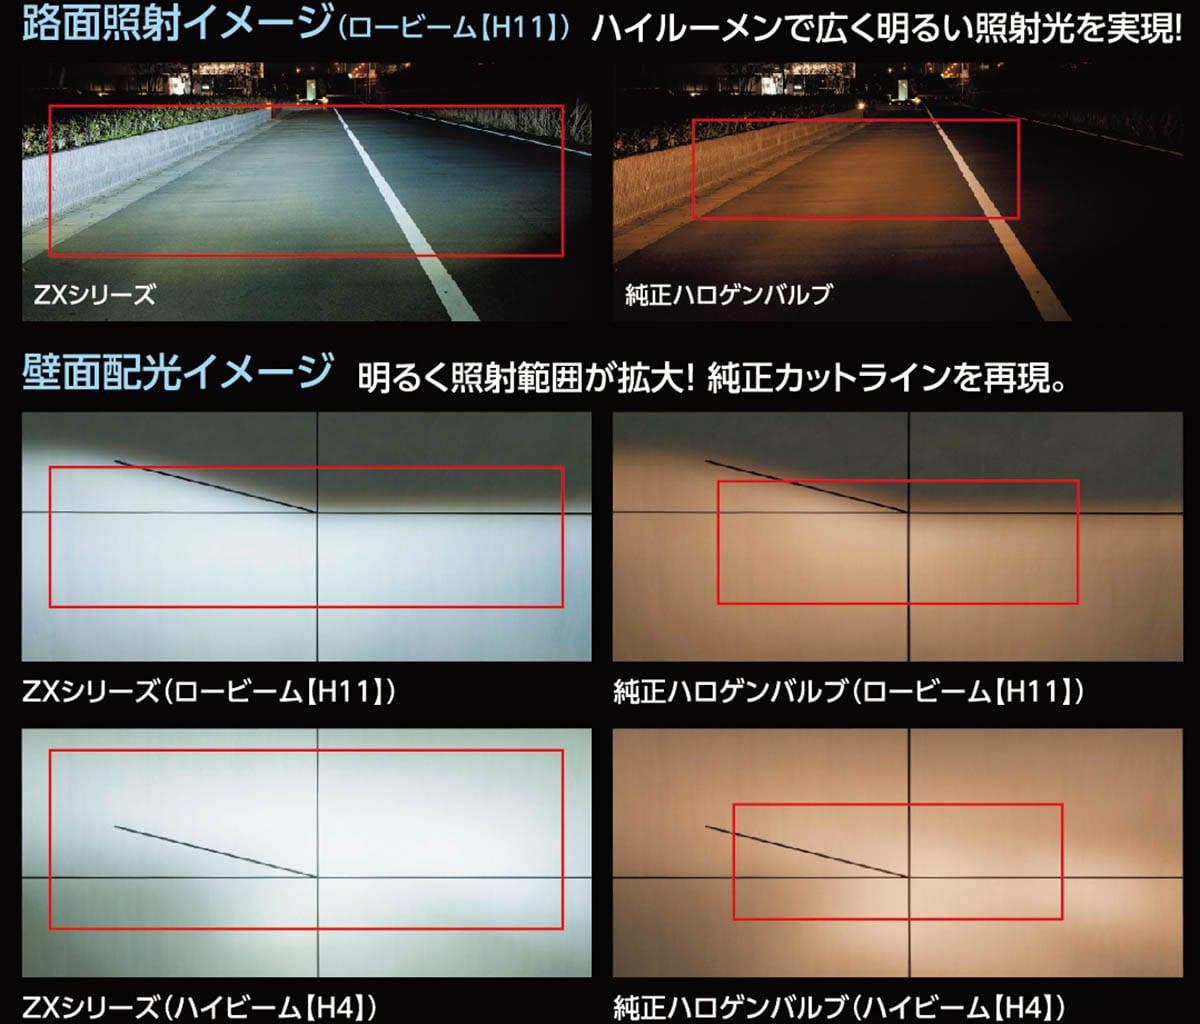 明るい方が走りやすいでしょ! ハロゲンからLEDへ交換! ヘッドライトとフォグをLED化できるお手軽バルブキット